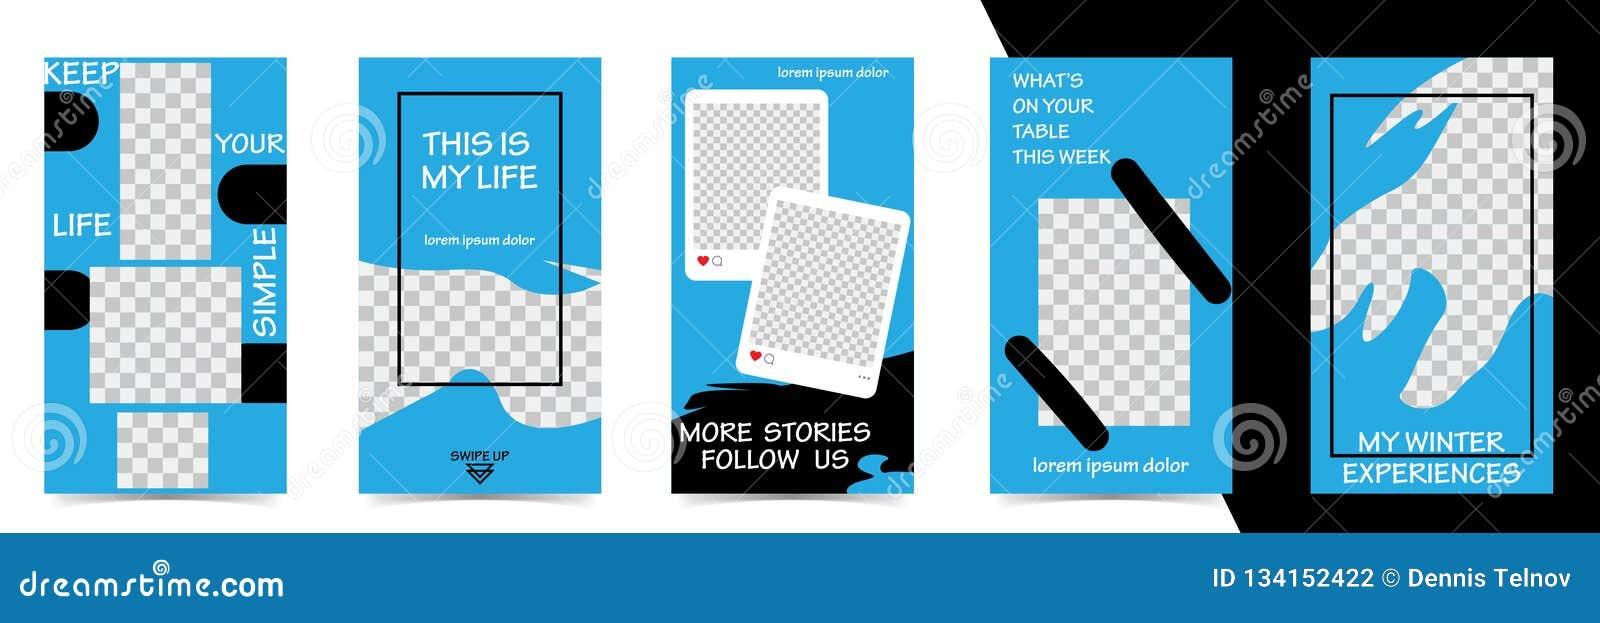 Editable Instagram-Geschichtenschablone strömen